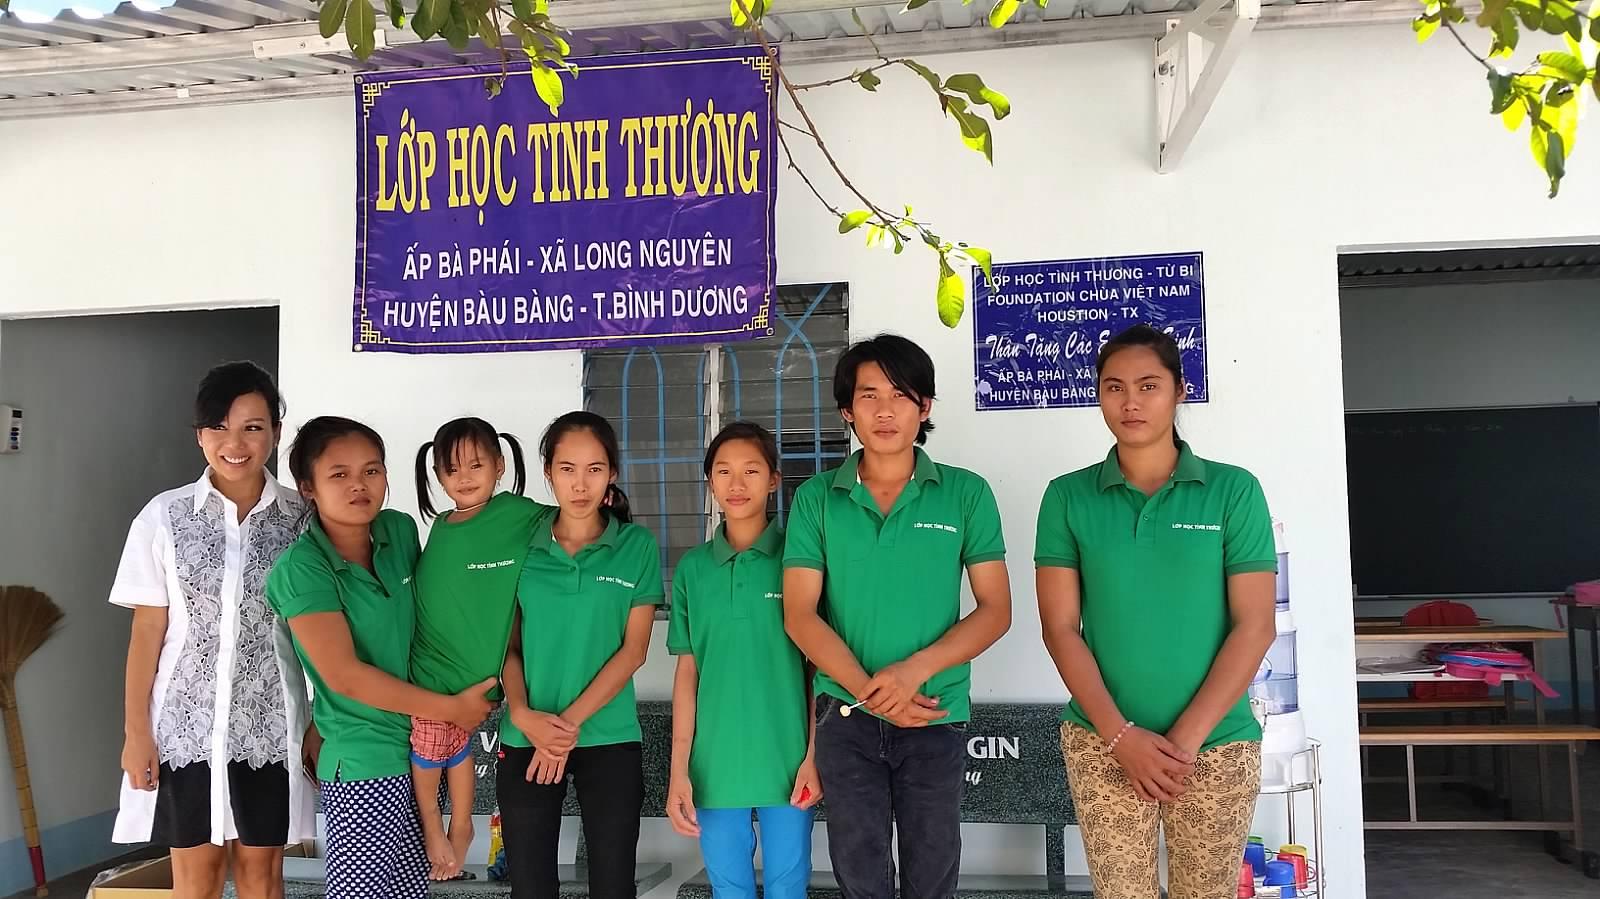 63 Lop Tu Bi tai Binh Duong (06)